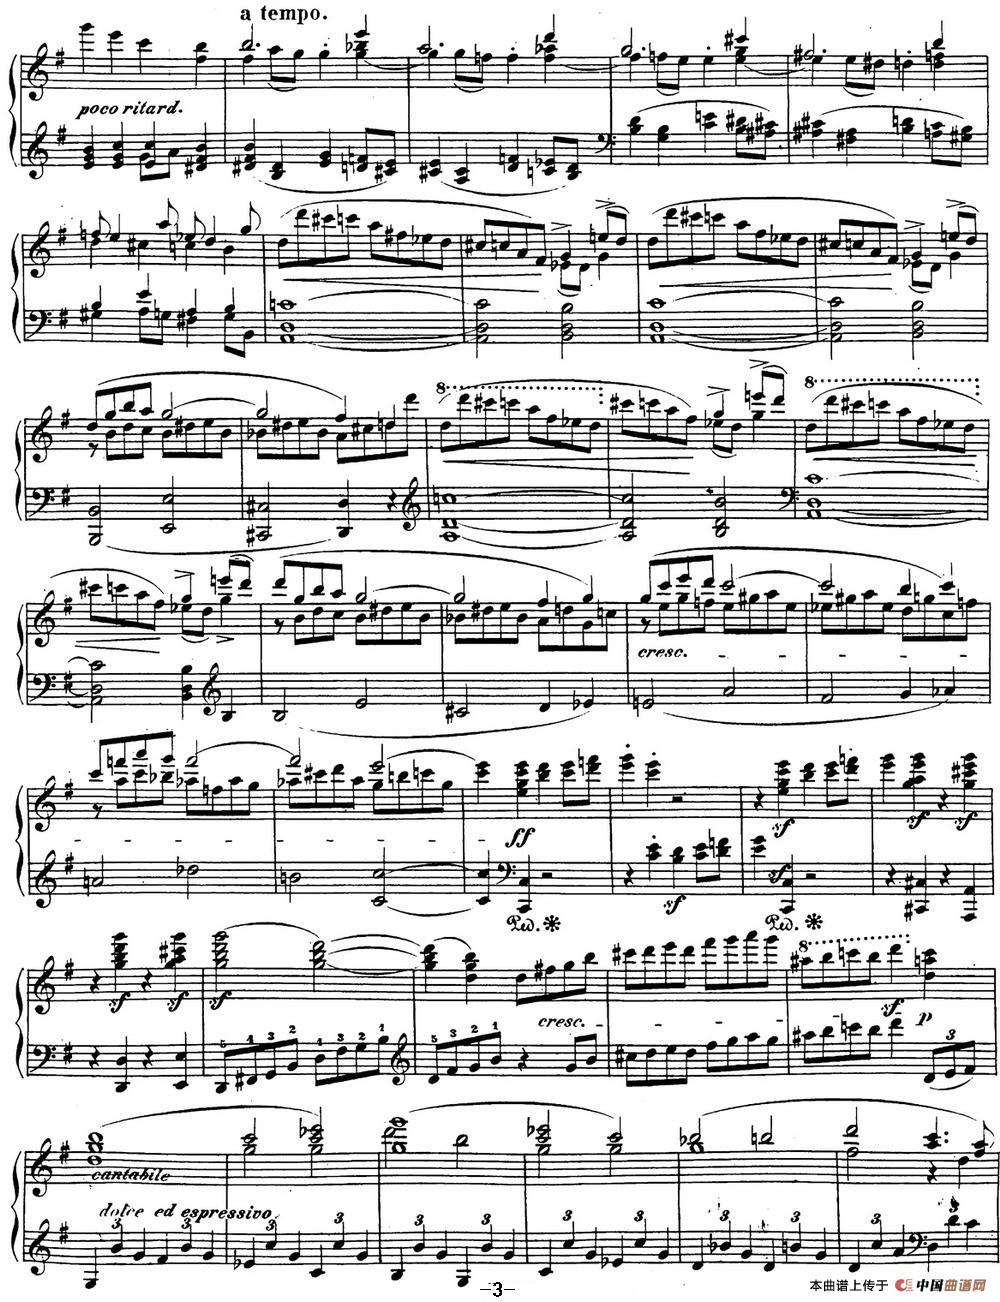 贝多芬钢琴奏鸣曲29 钢琴(锥子键琴)降B大调 Op.106 B-flat major(1)_原文件名:29 钢琴(锥子键琴)降B大调 Op106 B-flat major_页面_05.jpg